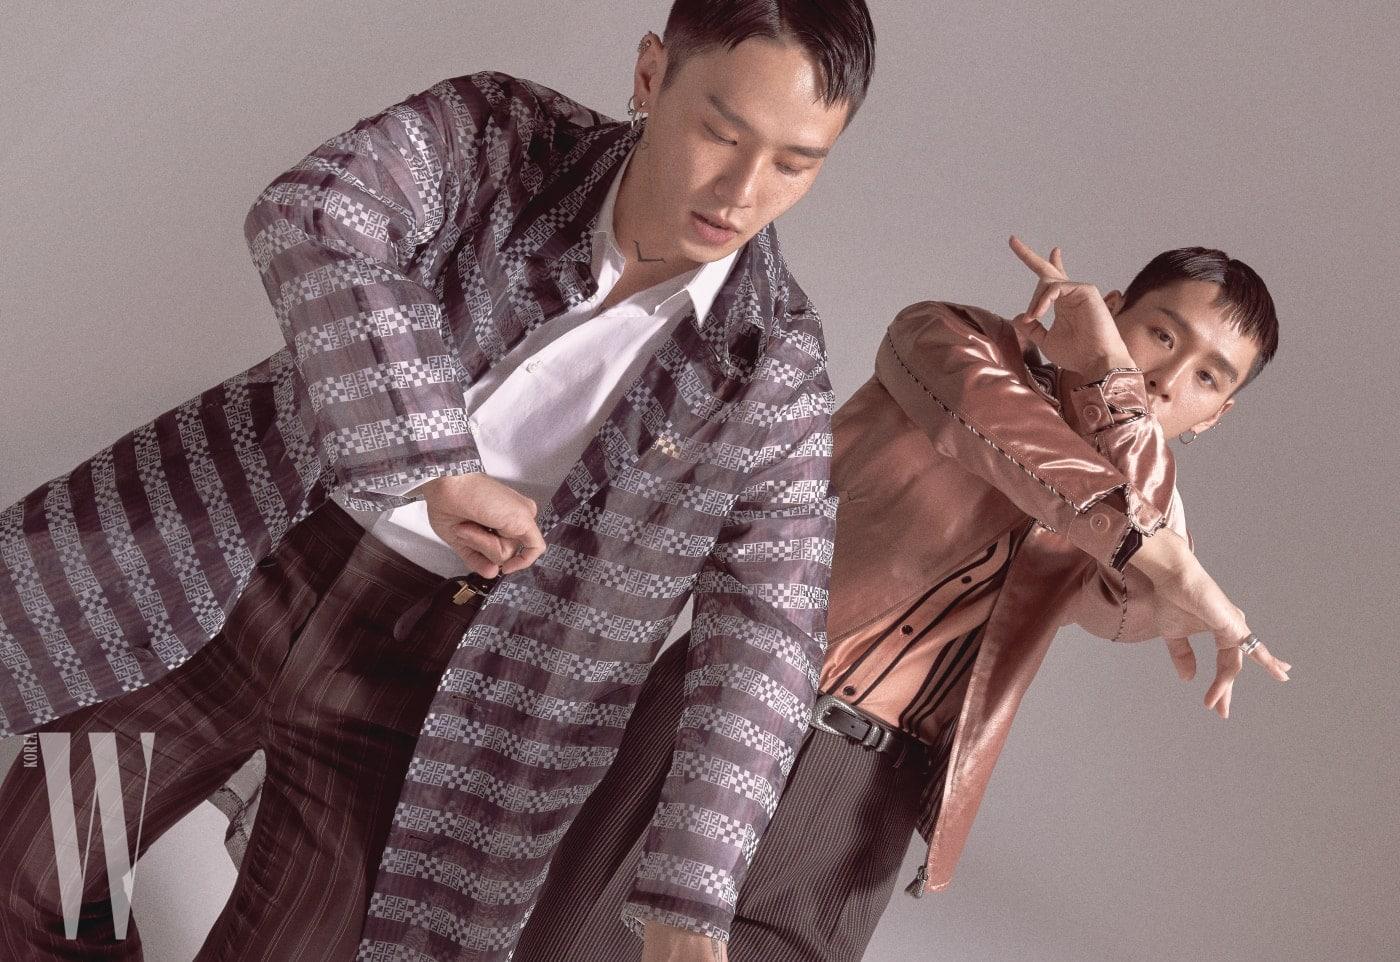 권영돈이 입은 패턴 프린트의 시스루 코트와 화이트 셔츠, 줄무늬 팬츠, 서스펜더는 모두 펜디 제품. 권영득이 입은 핑크색 블루종과 셔츠, 줄무늬 팬츠, 벨트는 모두 보테가 베네타 제품.